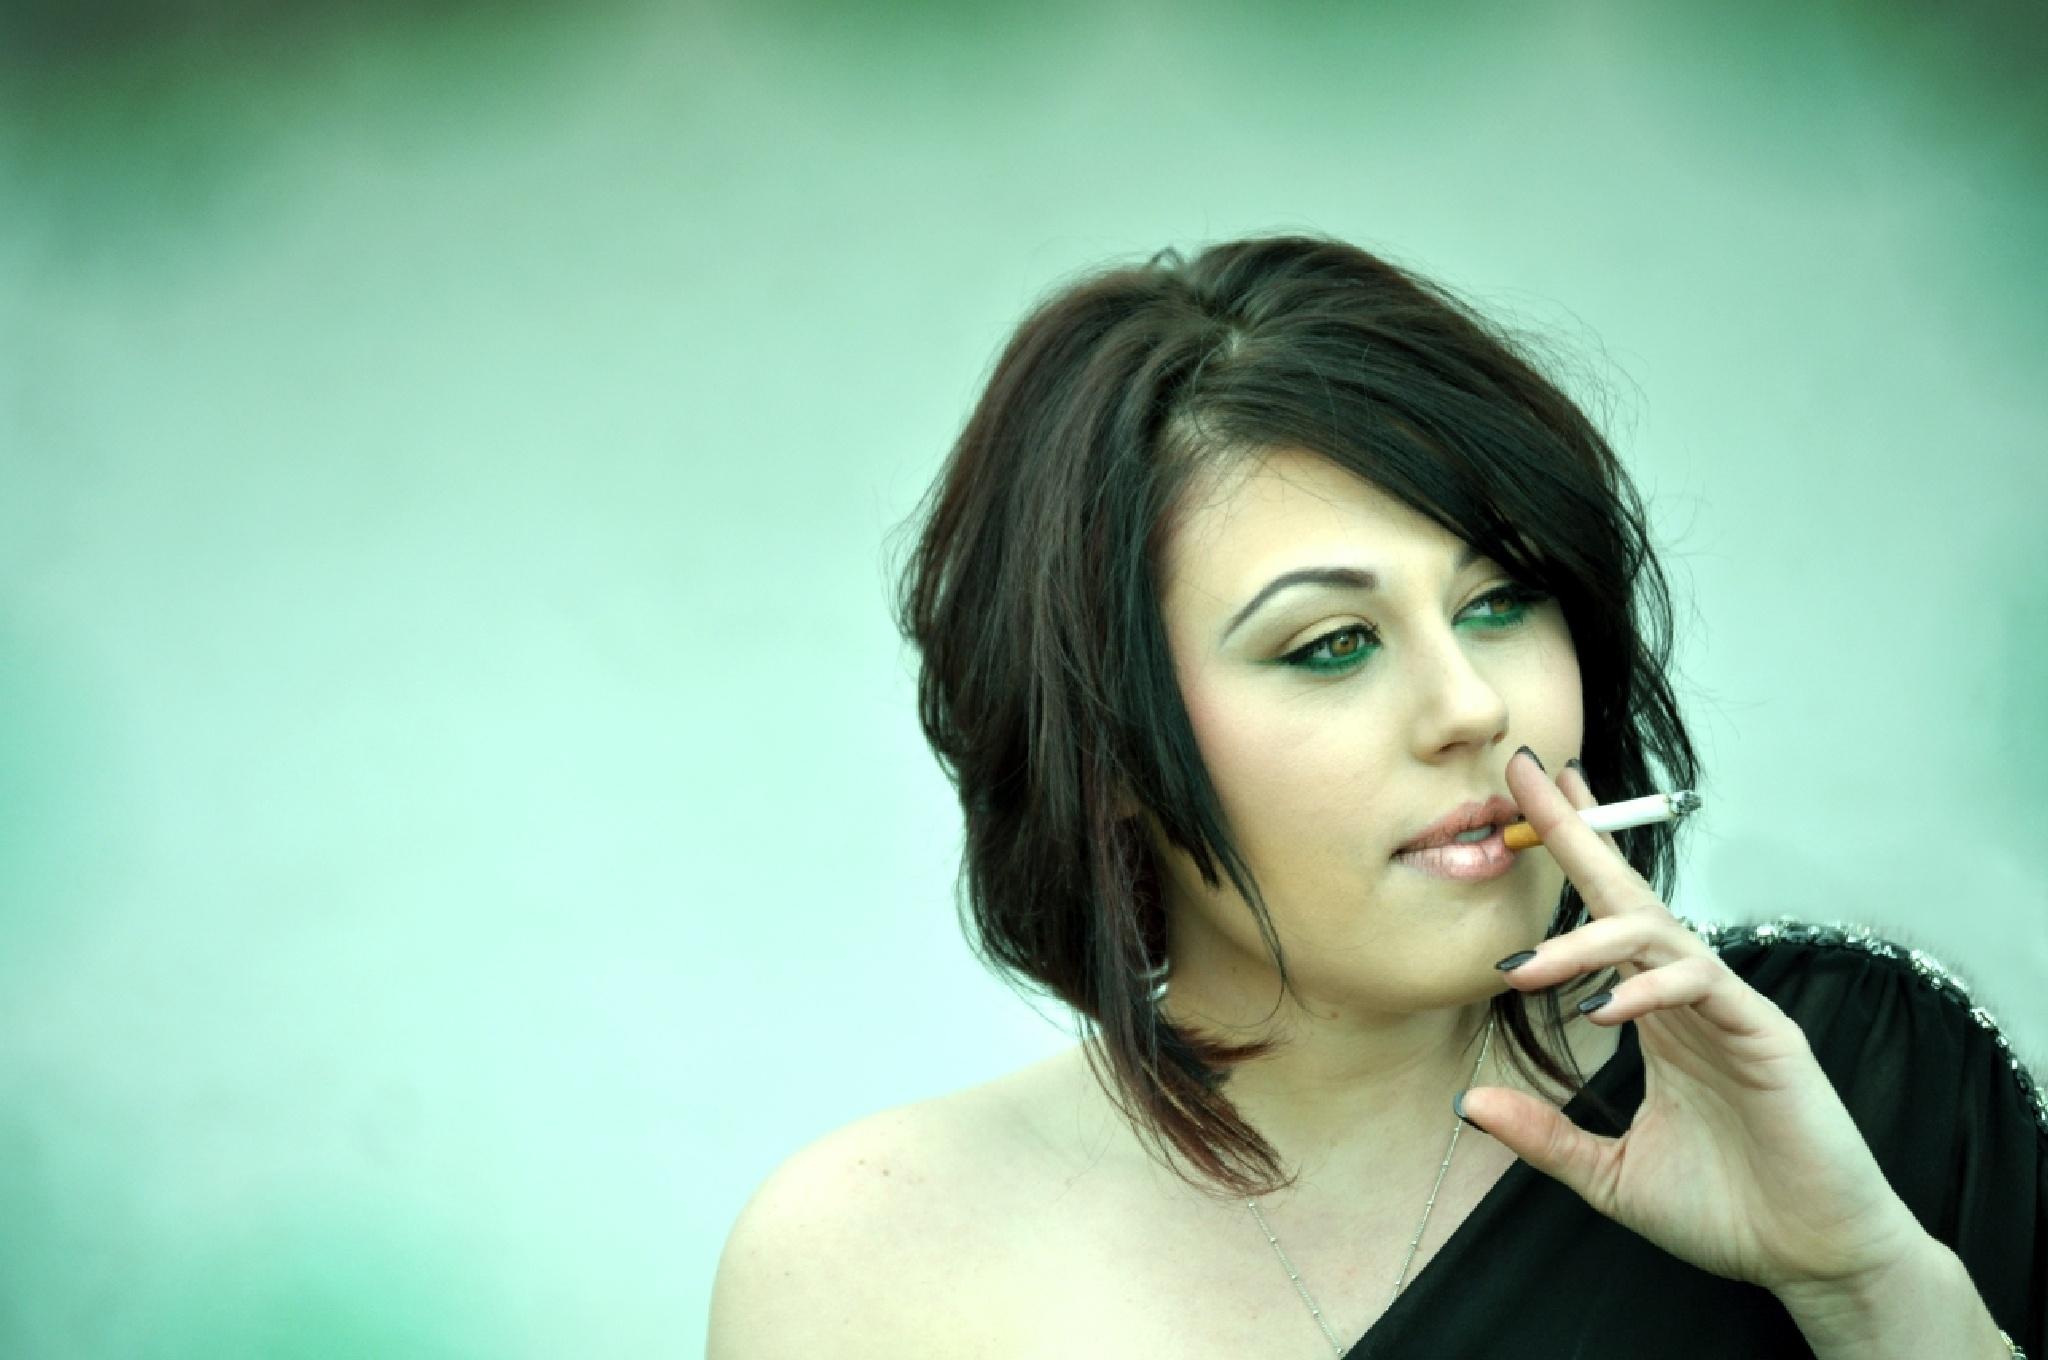 smoking by Carina McKee